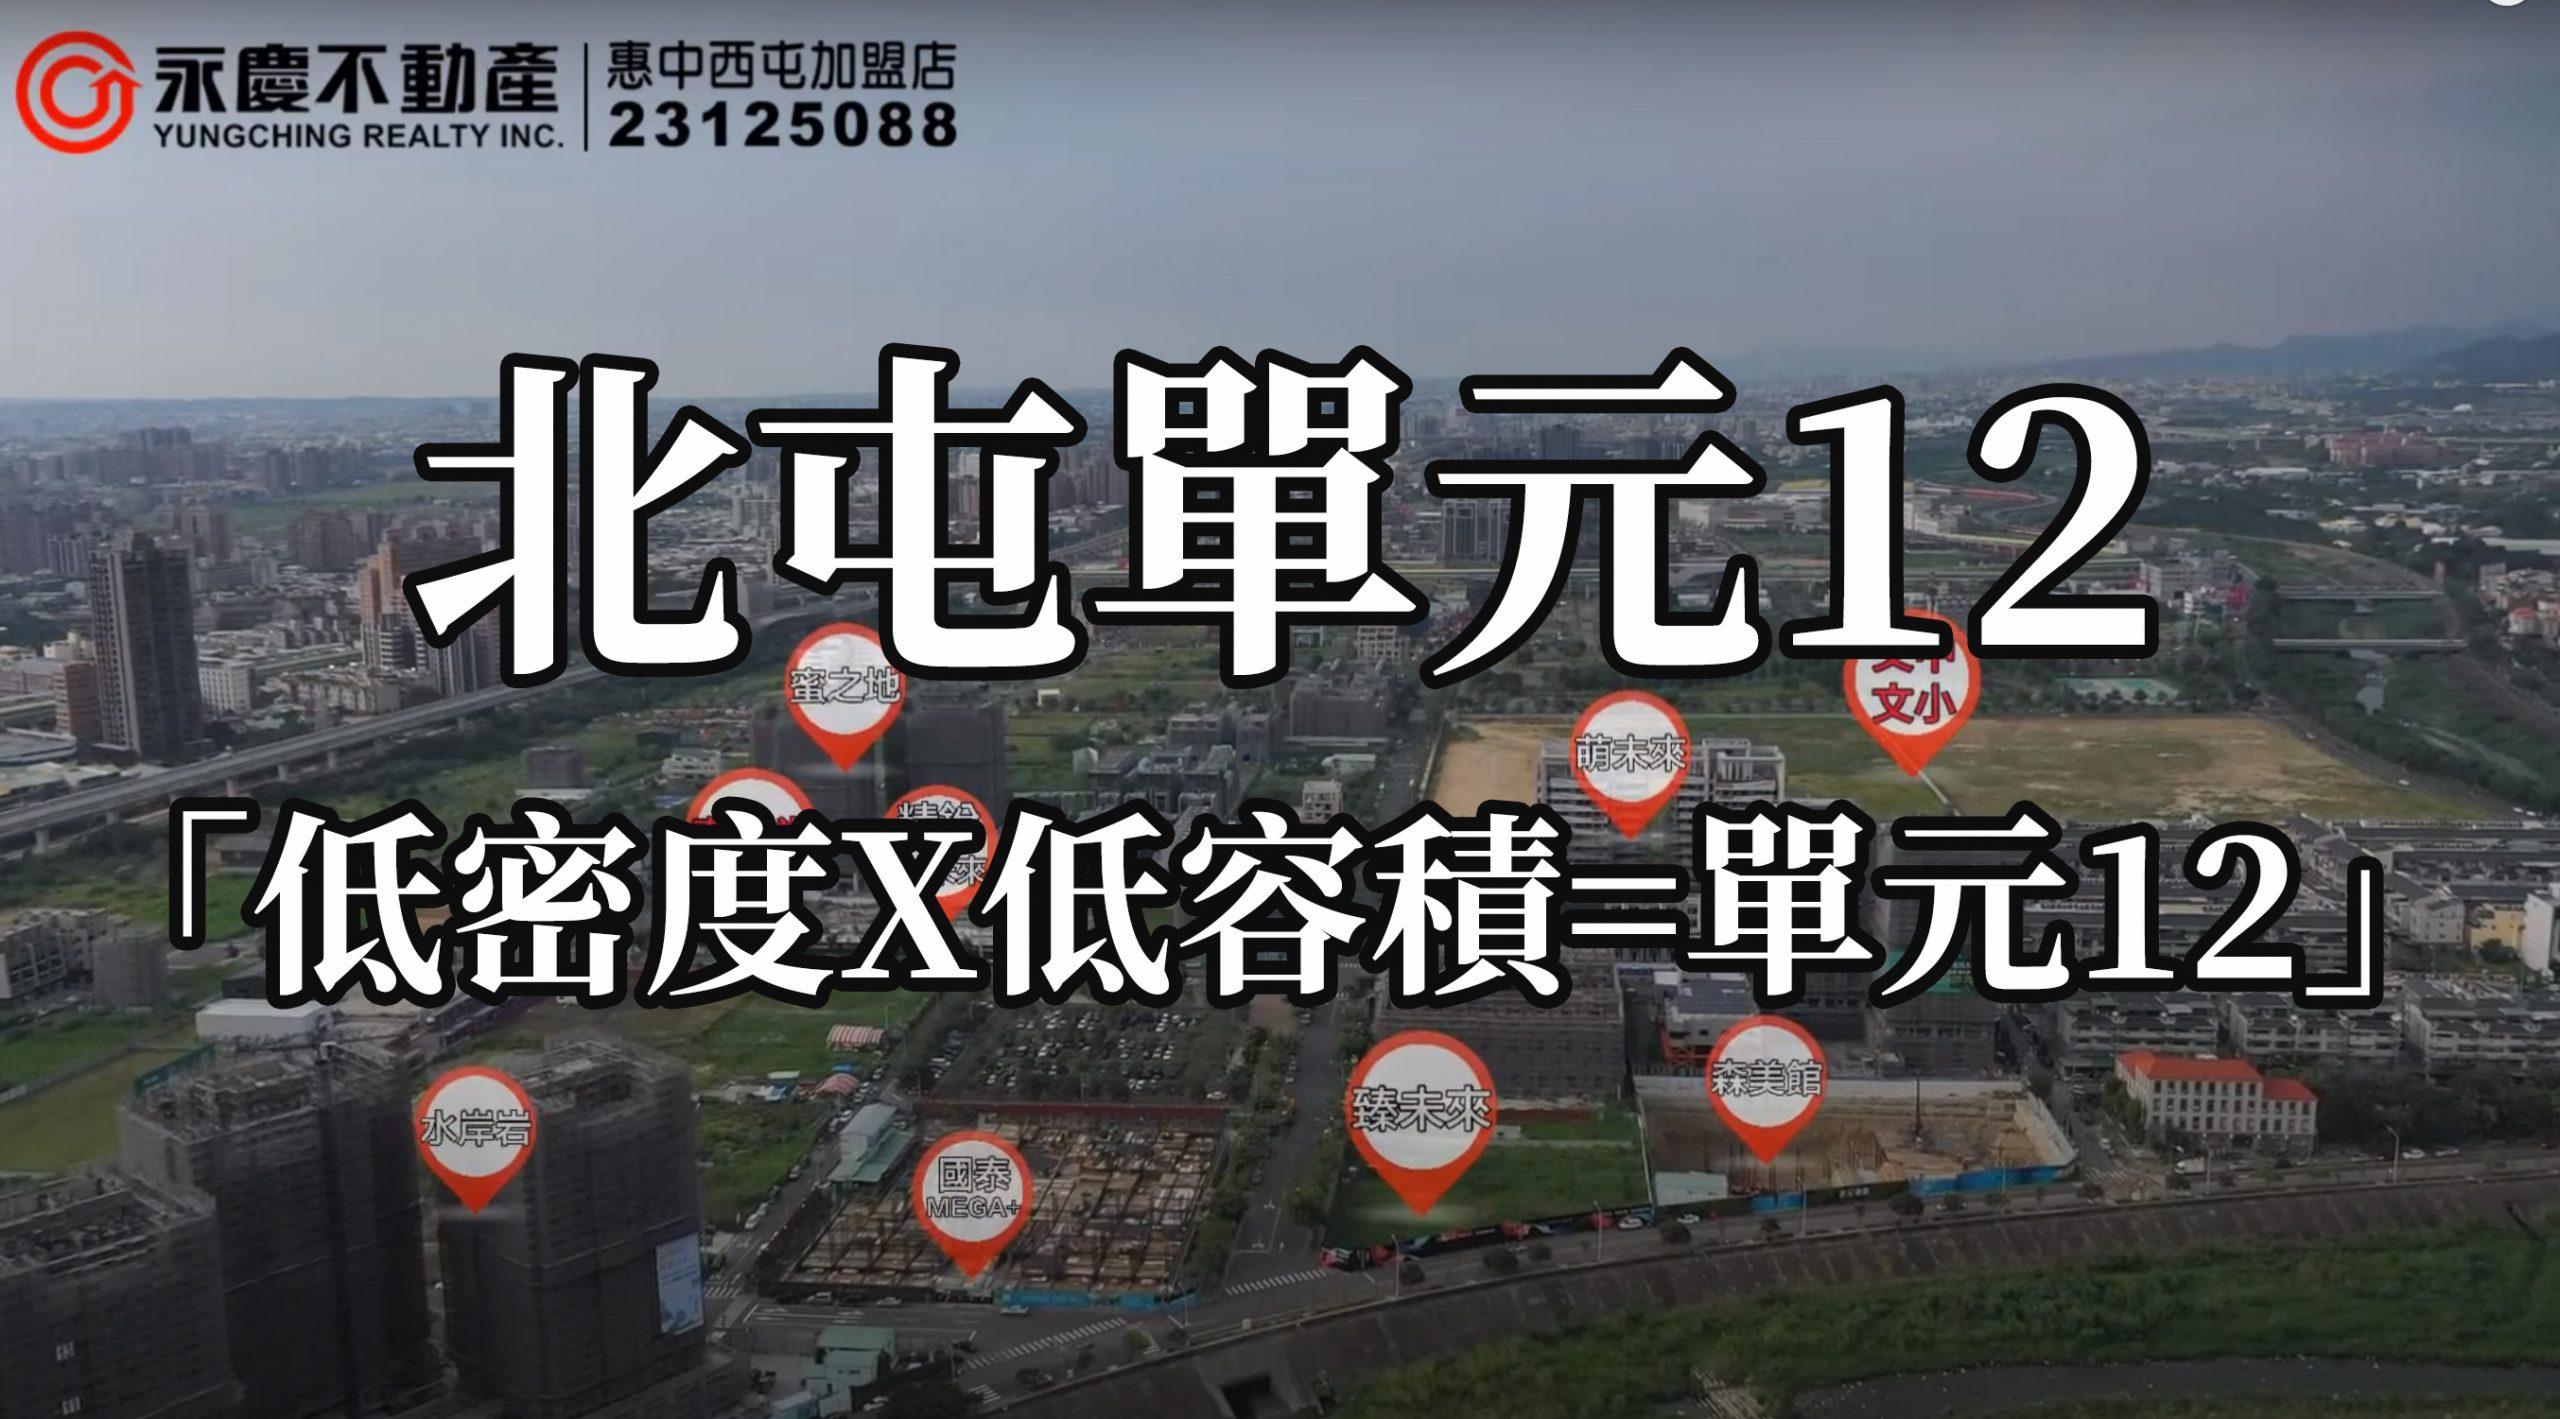 台中北屯單元12重劃區特色潛力分析+社區介紹。陳安森「低密度X低容積=單元12」。單元12建案有哪些?